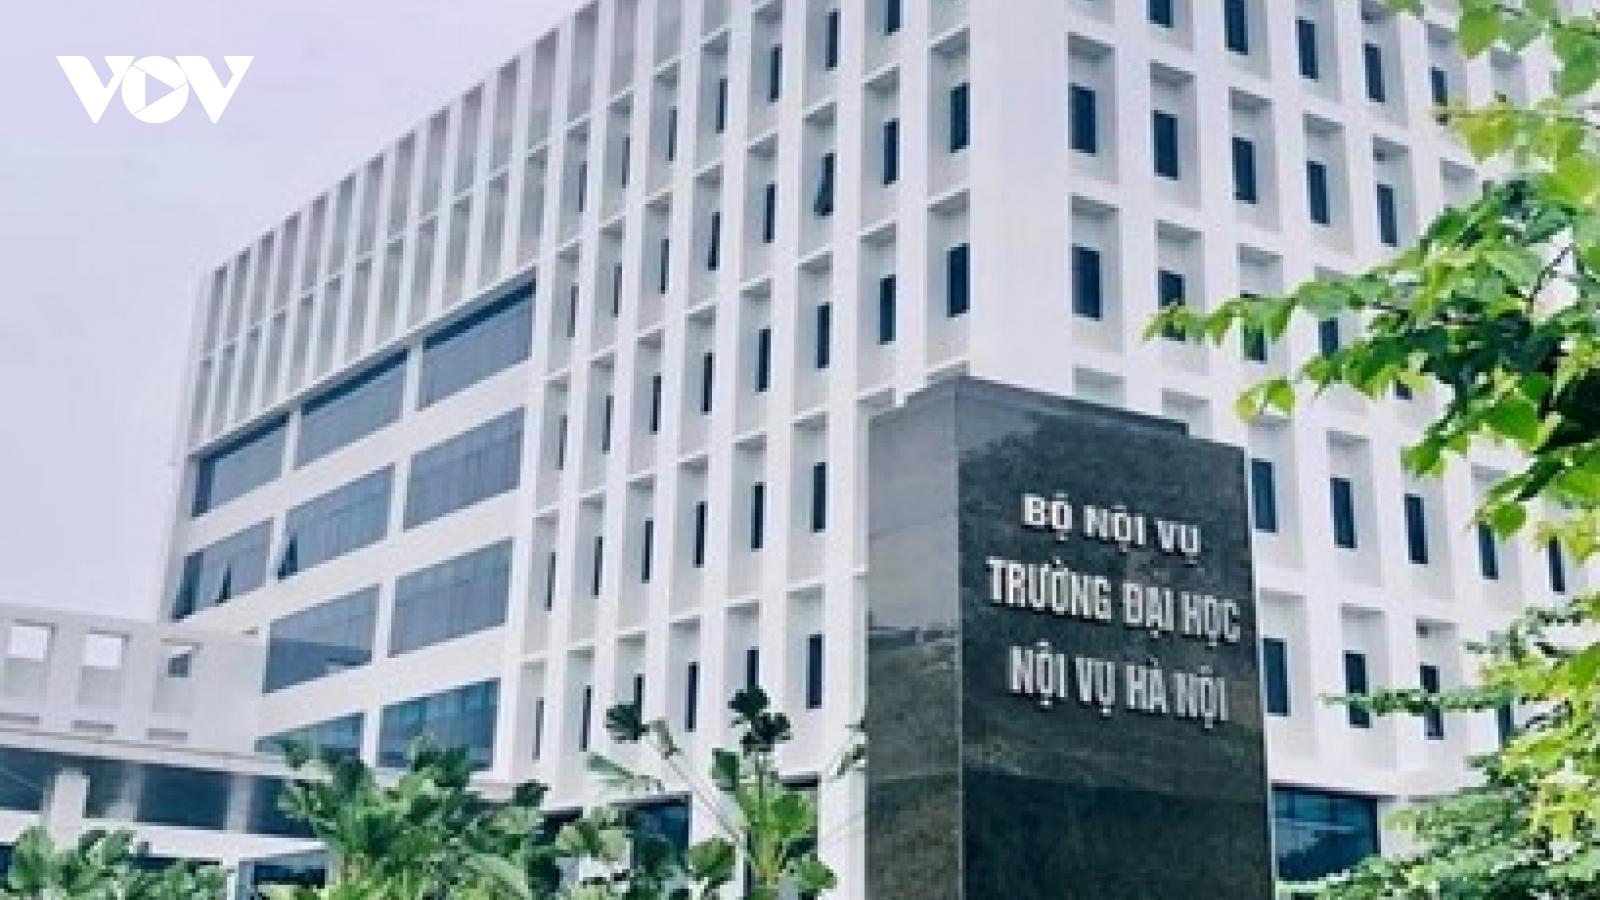 Điểm chuẩn ĐH Nội vụ Hà Nội tăng từ 2-4 điểm so với năm ngoái, cao nhất là 28 điểm